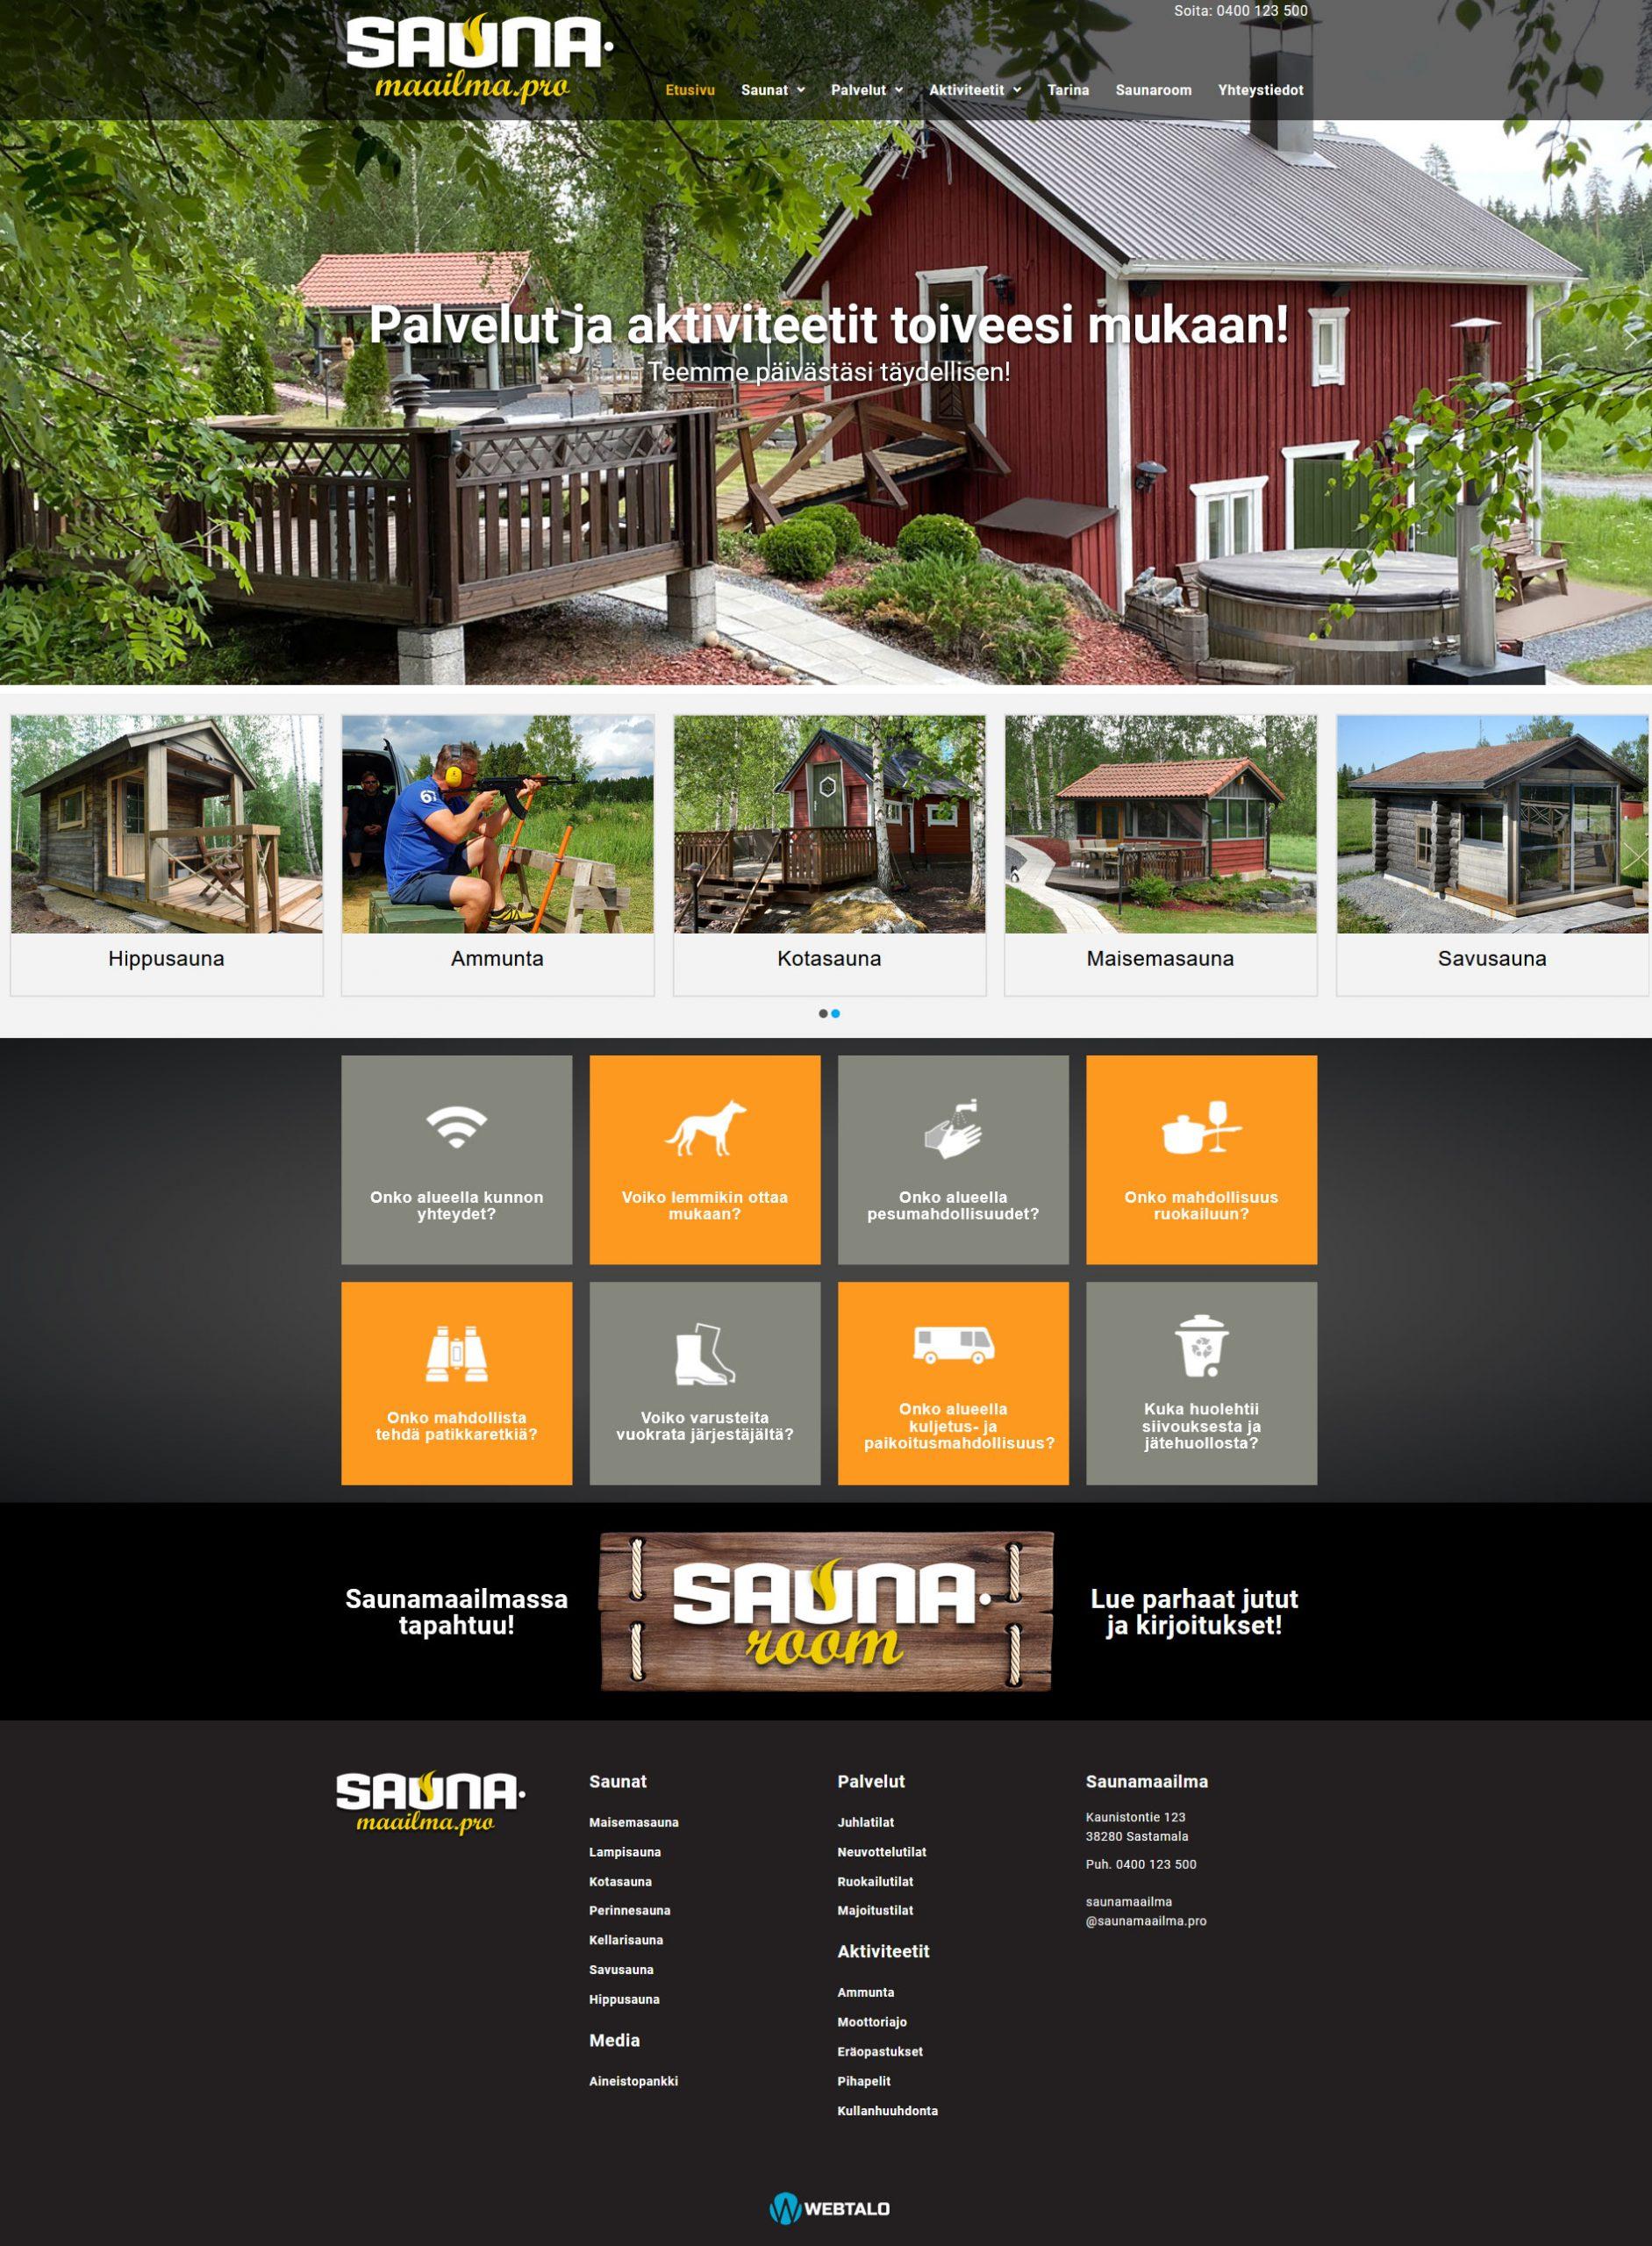 saunamaailma-pro-saunamaailma-pro-kotisivut-verkkosivut-laadukkaasti-laadukkaat-webtalo-jips-suurkuva-3